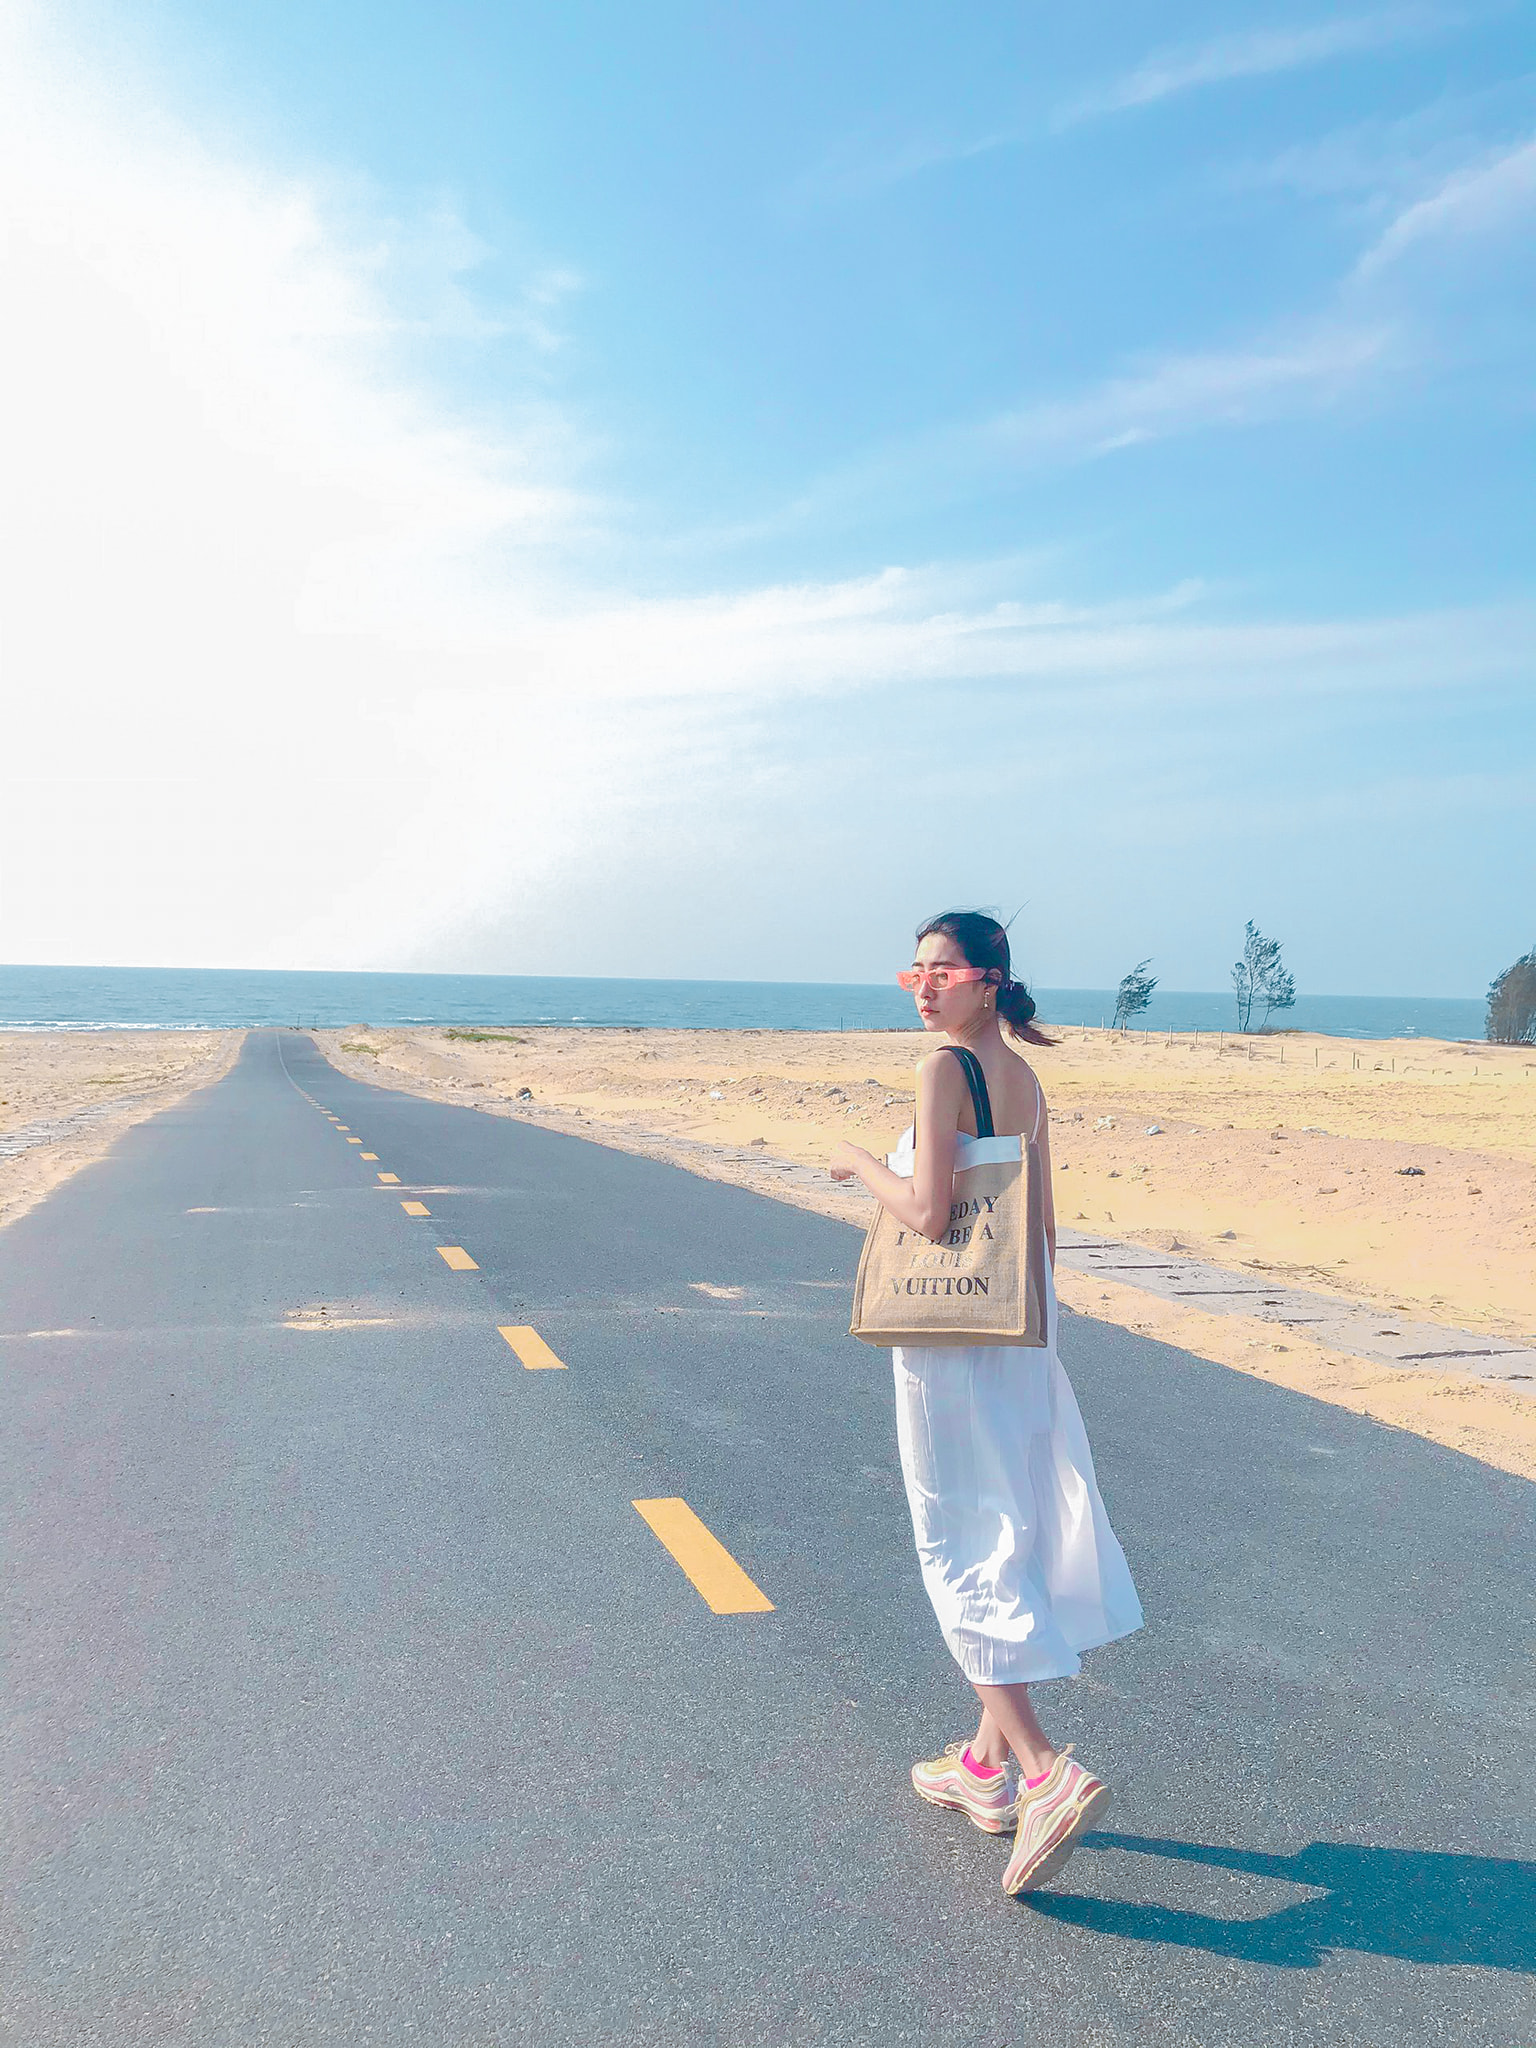 Du lịch Bình Thuận khám phá vẻ đẹp bất biến – Phan Thiết – Bàu Trắng – Cổ Thạch